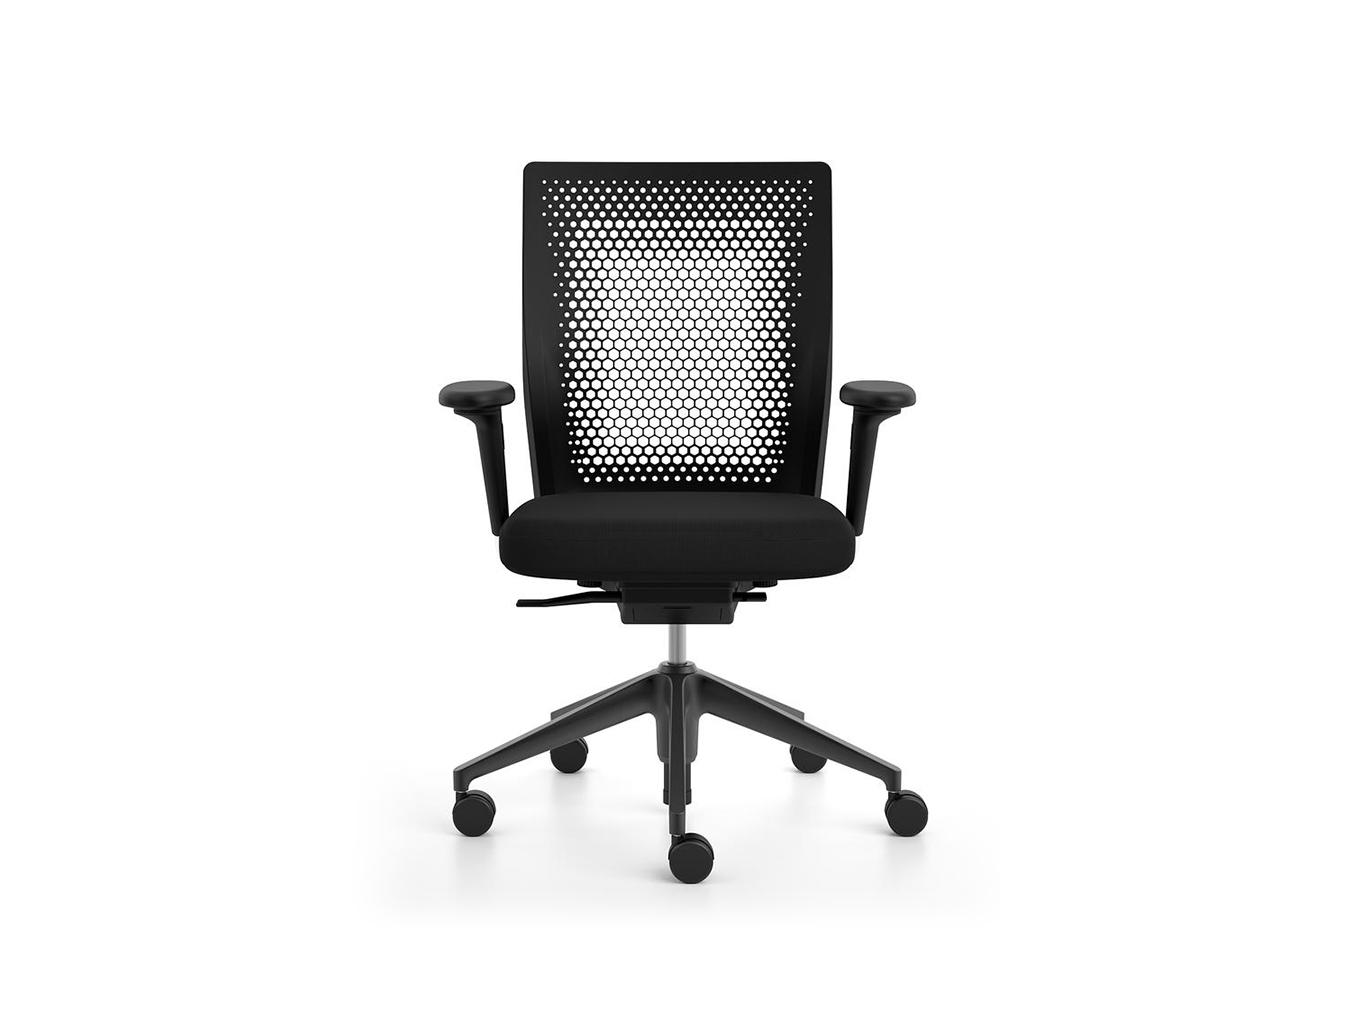 办公椅|职员椅|创意家具|现代家居|时尚家具|设计师家具|定制家具|实木家具|ID Air 职员椅